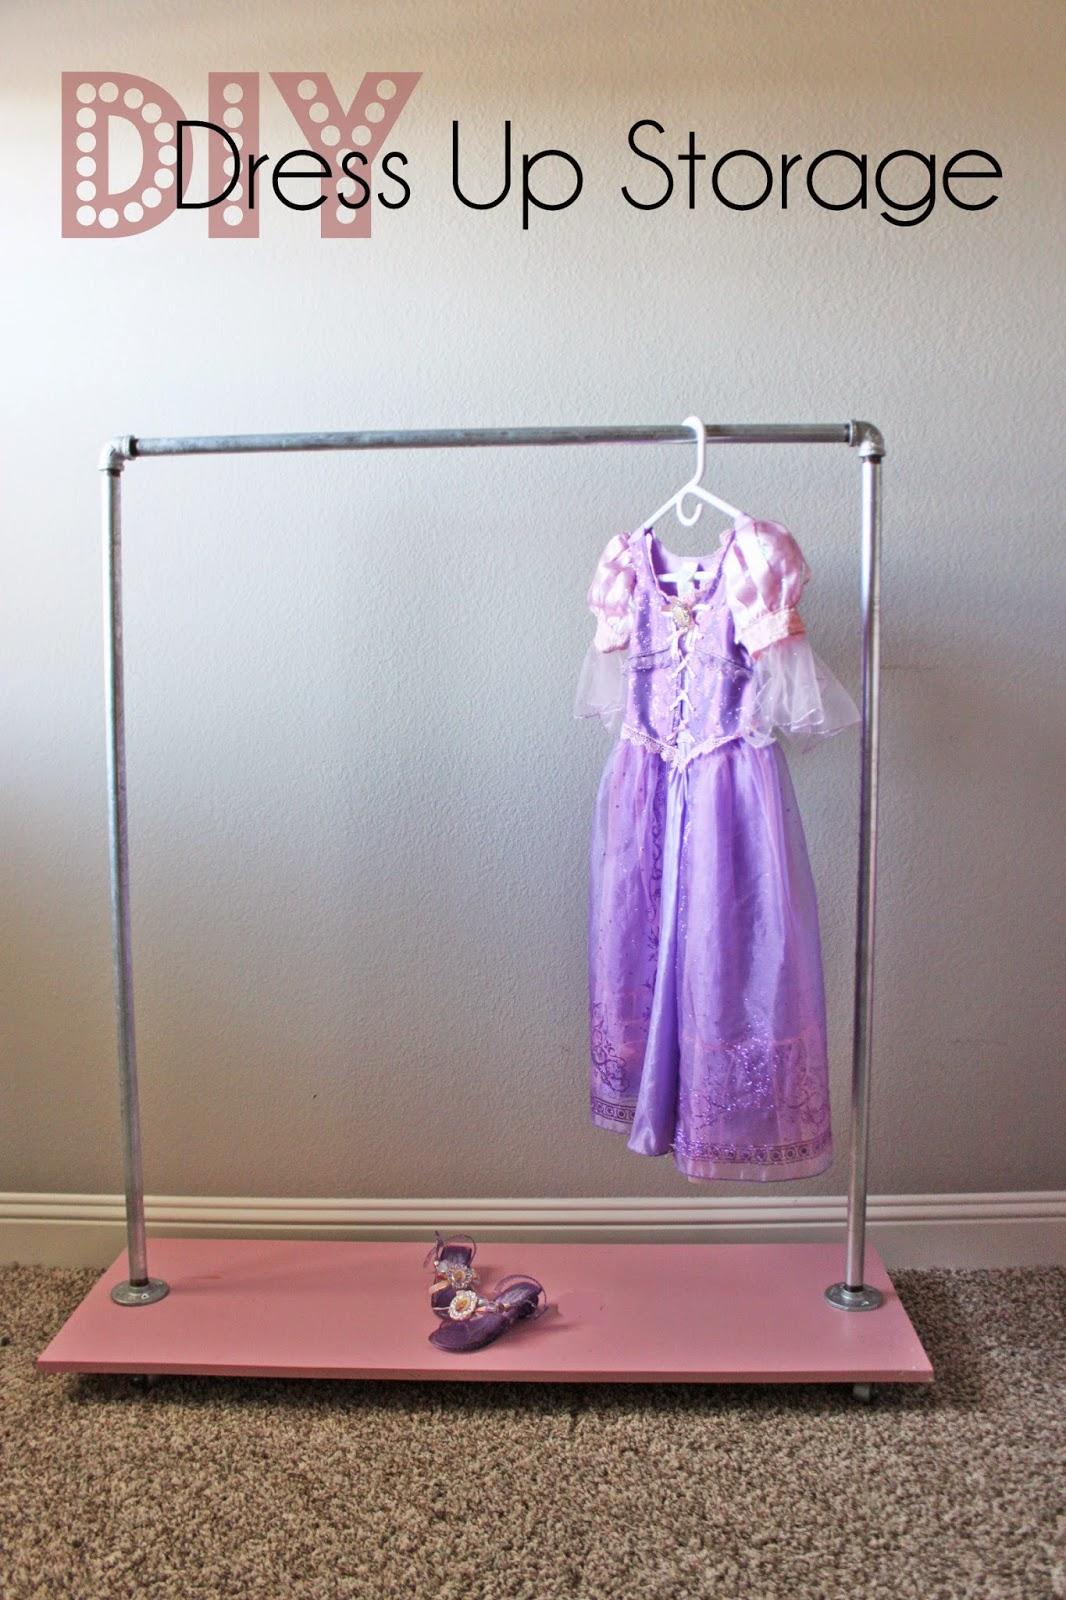 http://3.bp.blogspot.com/-UKhwKpqvOIw/VK7mCgUbBuI/AAAAAAAAGFI/GKpklWNq7_Q/s1600/dress%2Bup%2Bstorage%2Bcover.jpg